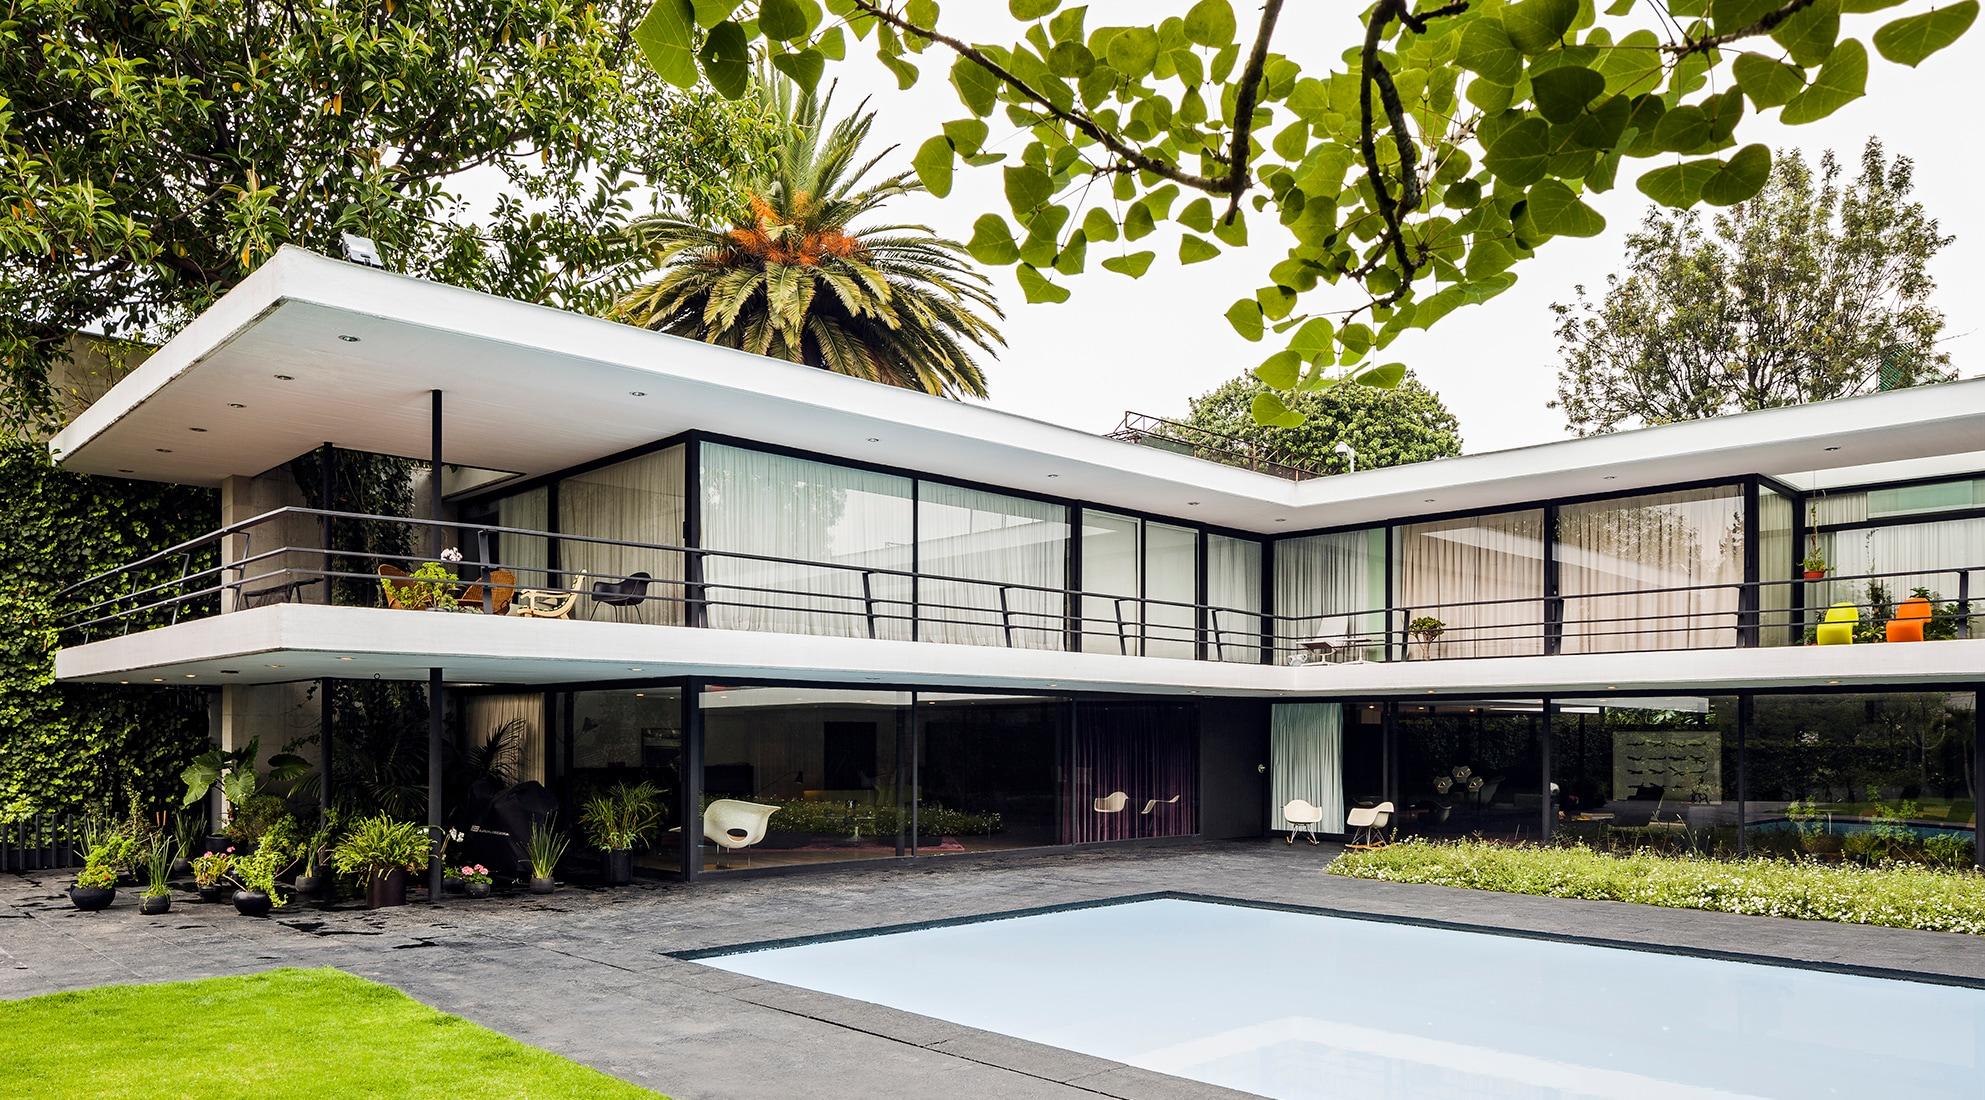 Evviva il moderno messicano interni magazine for Costruire una casa sulla spiaggia su palafitte